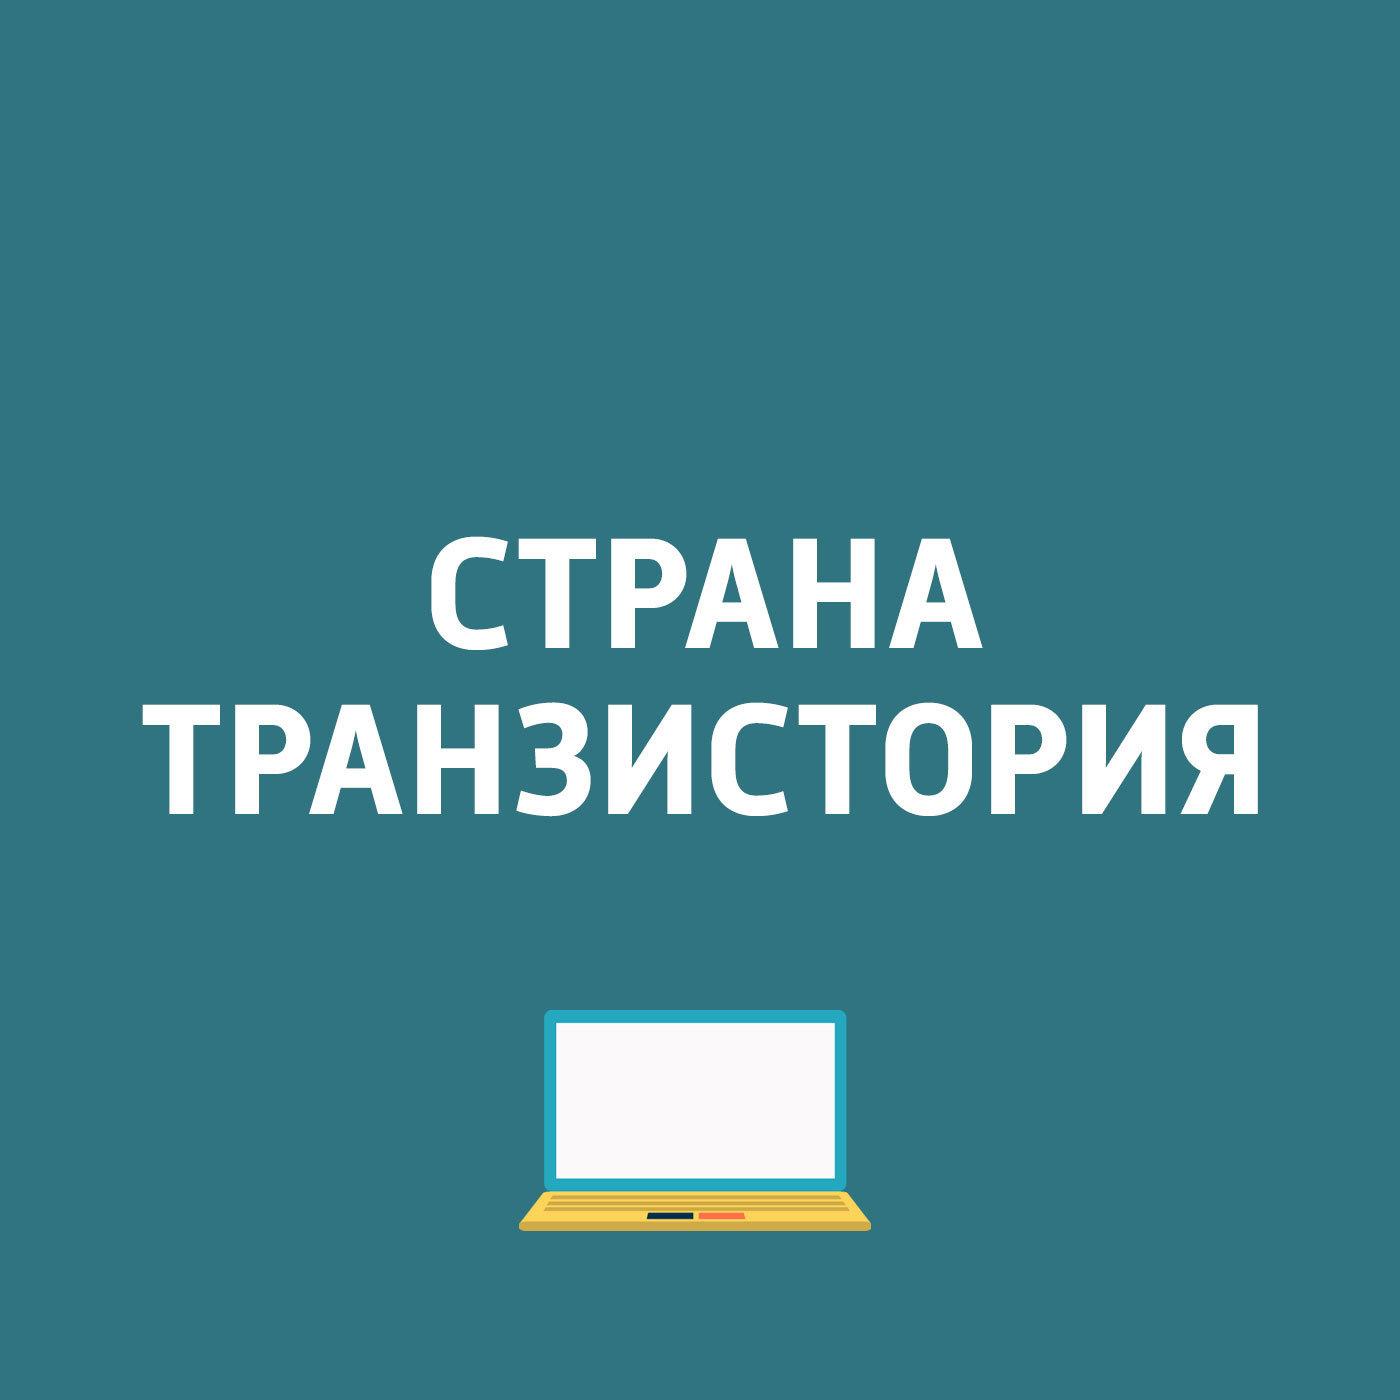 Картаев Павел Lenovo представила ноутбук ThinkPad X1 Extreme и Yoga Book C930; Шлем виртуальной реальности на платформе Windows Mixed Reality thinkpad x1 extreme gen1 20mf000wrt